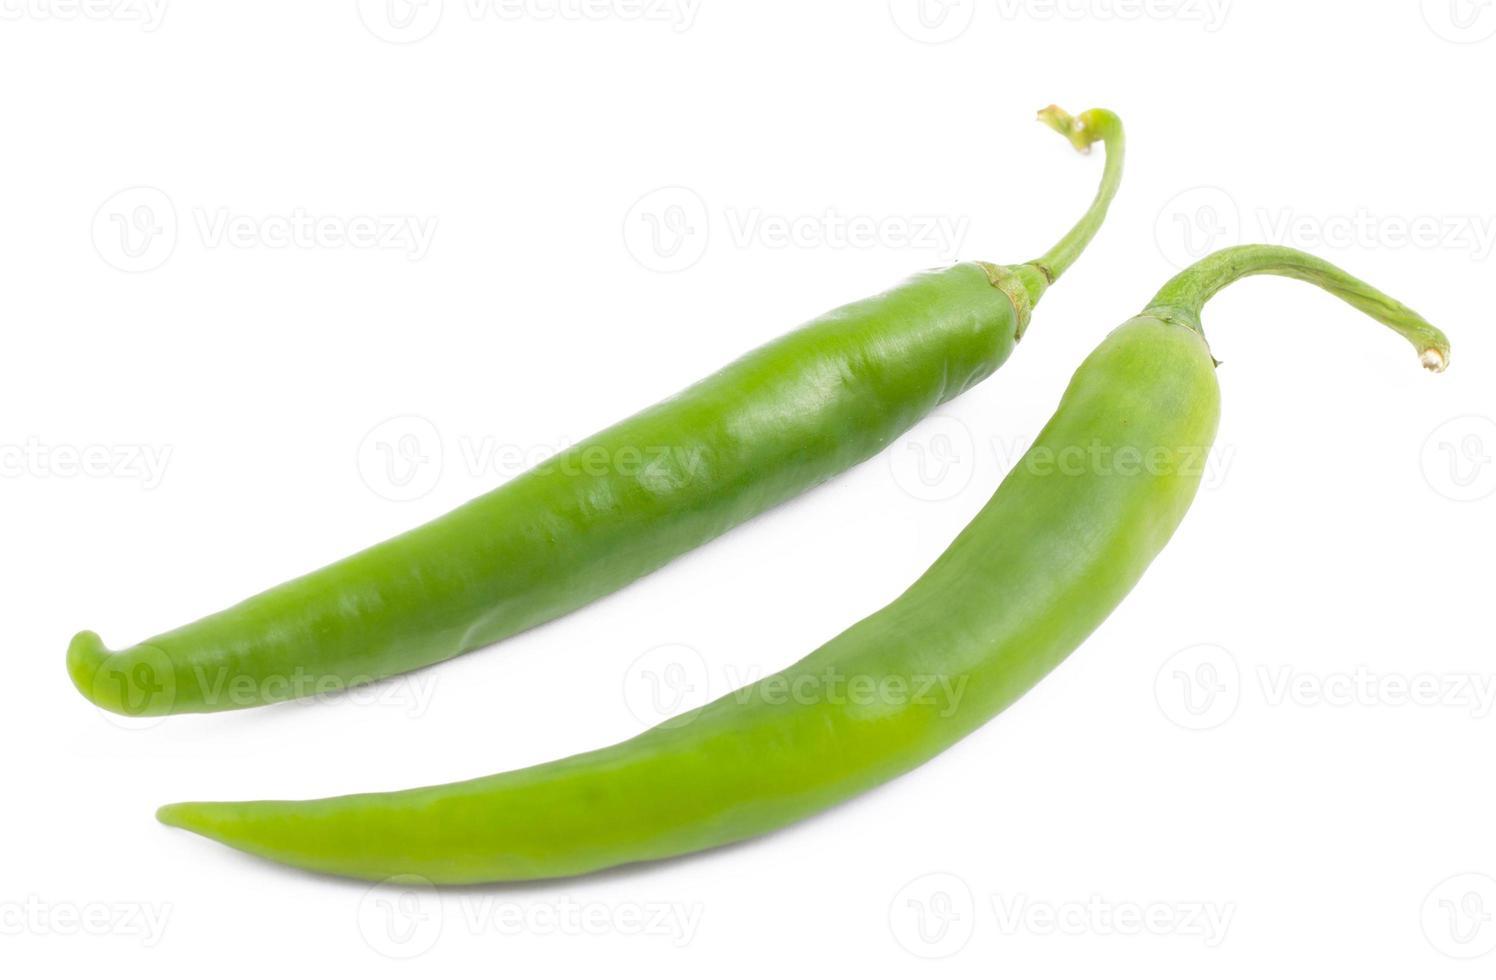 deux piments verts sur blanc photo